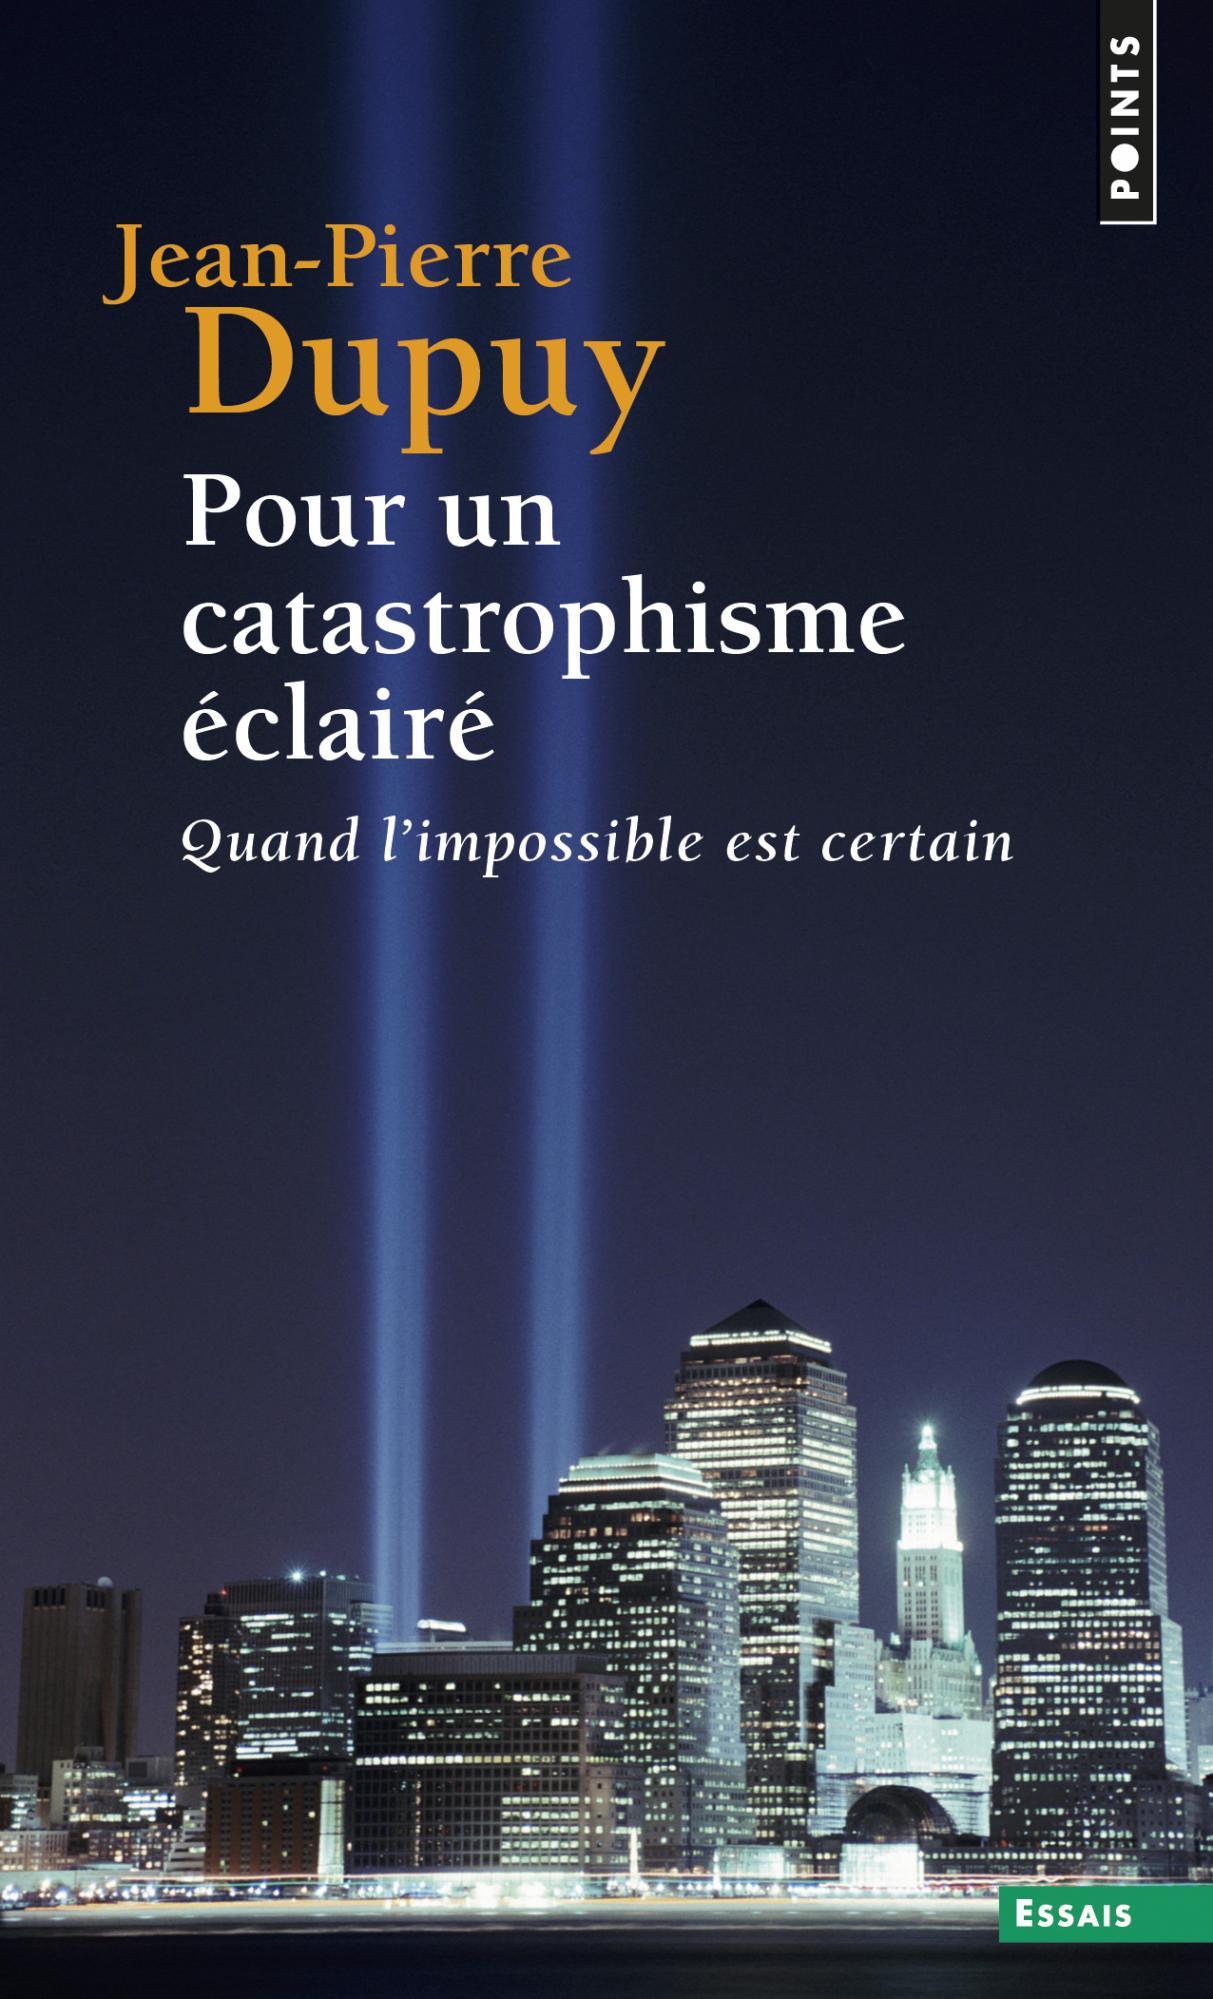 Pour un catastrophisme éclairé, Quand l'impossible est certain  - Jean-Pierre Dupuy